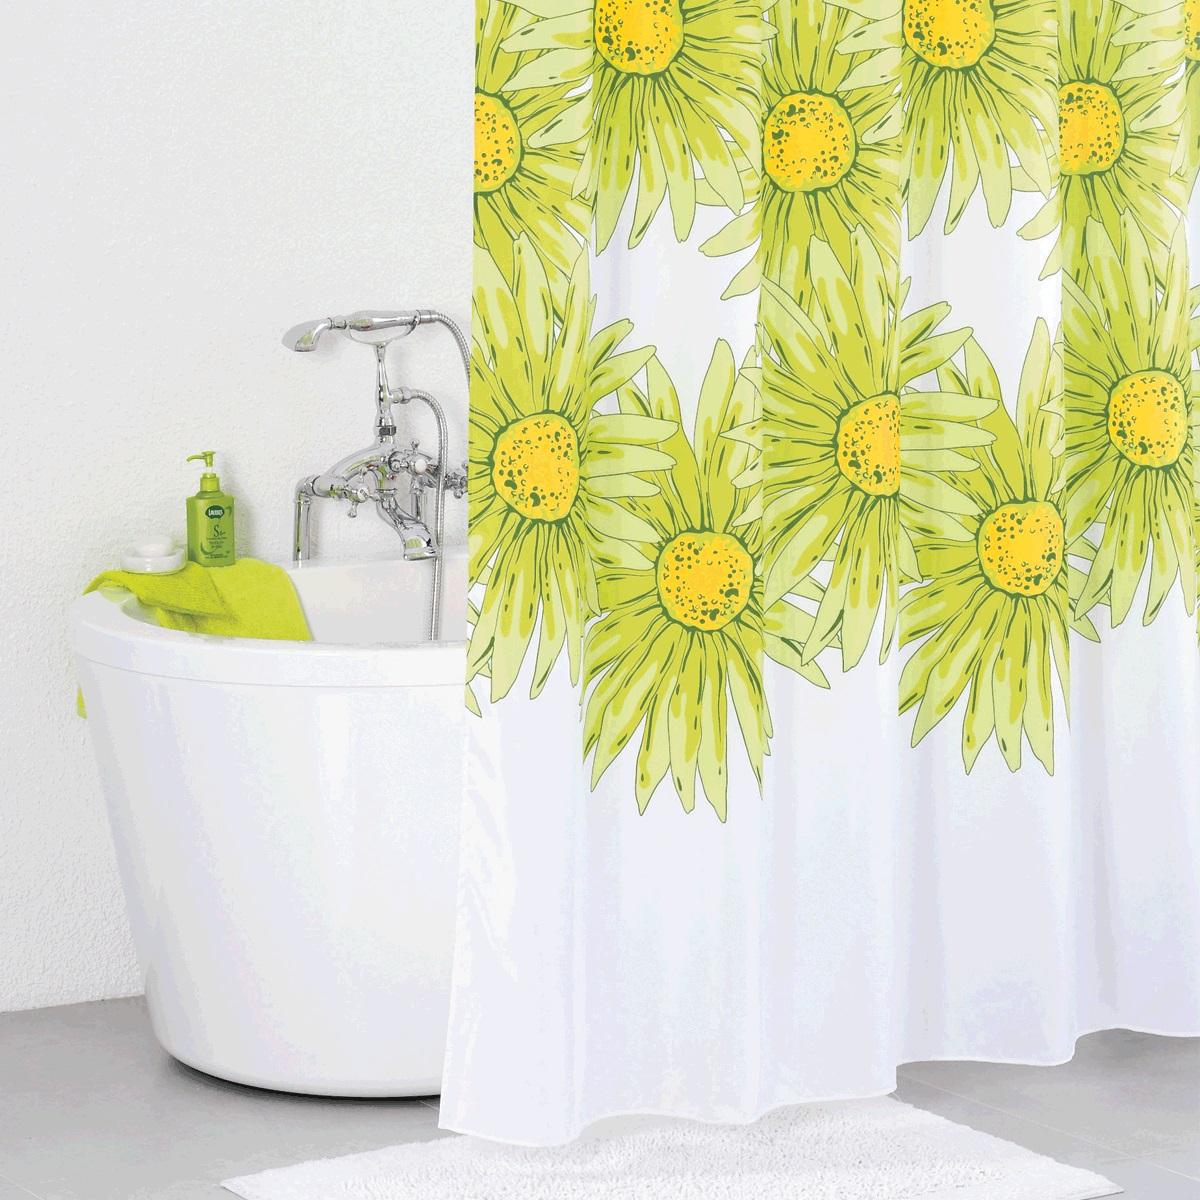 Штора для ванной Iddis Green Blossom, цвет: белый, зеленый, 200 x 200 смSCID093PШтора для ванной комнаты Iddis выполнена из быстросохнущего материала - 100% полиэстера, что обеспечивает прочность изделия и легкость ухода за ним. Материал шторы пропитан специальным водоотталкивающим составом Waterprof. Изделие изготовлено из экологически-чистого материала, оно обладает высокой степенью гигиеничности, не вызывает аллергических реакций. Штора имеет 12 металлических люверсов. В комплекте: штора и кольца.